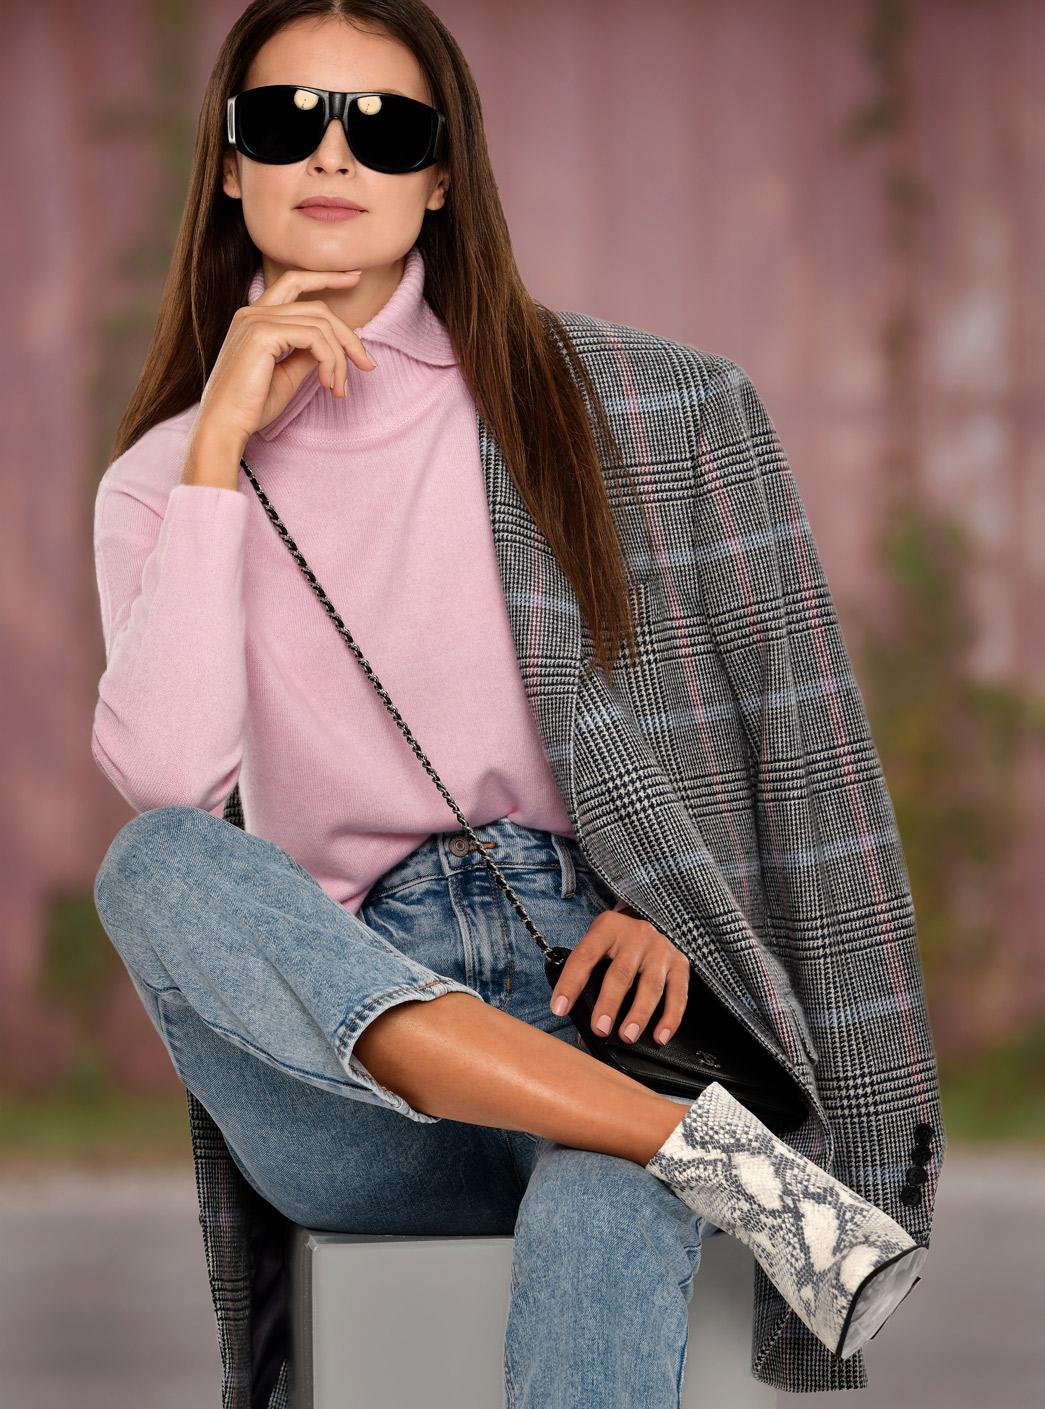 ecommerce photography of fashion